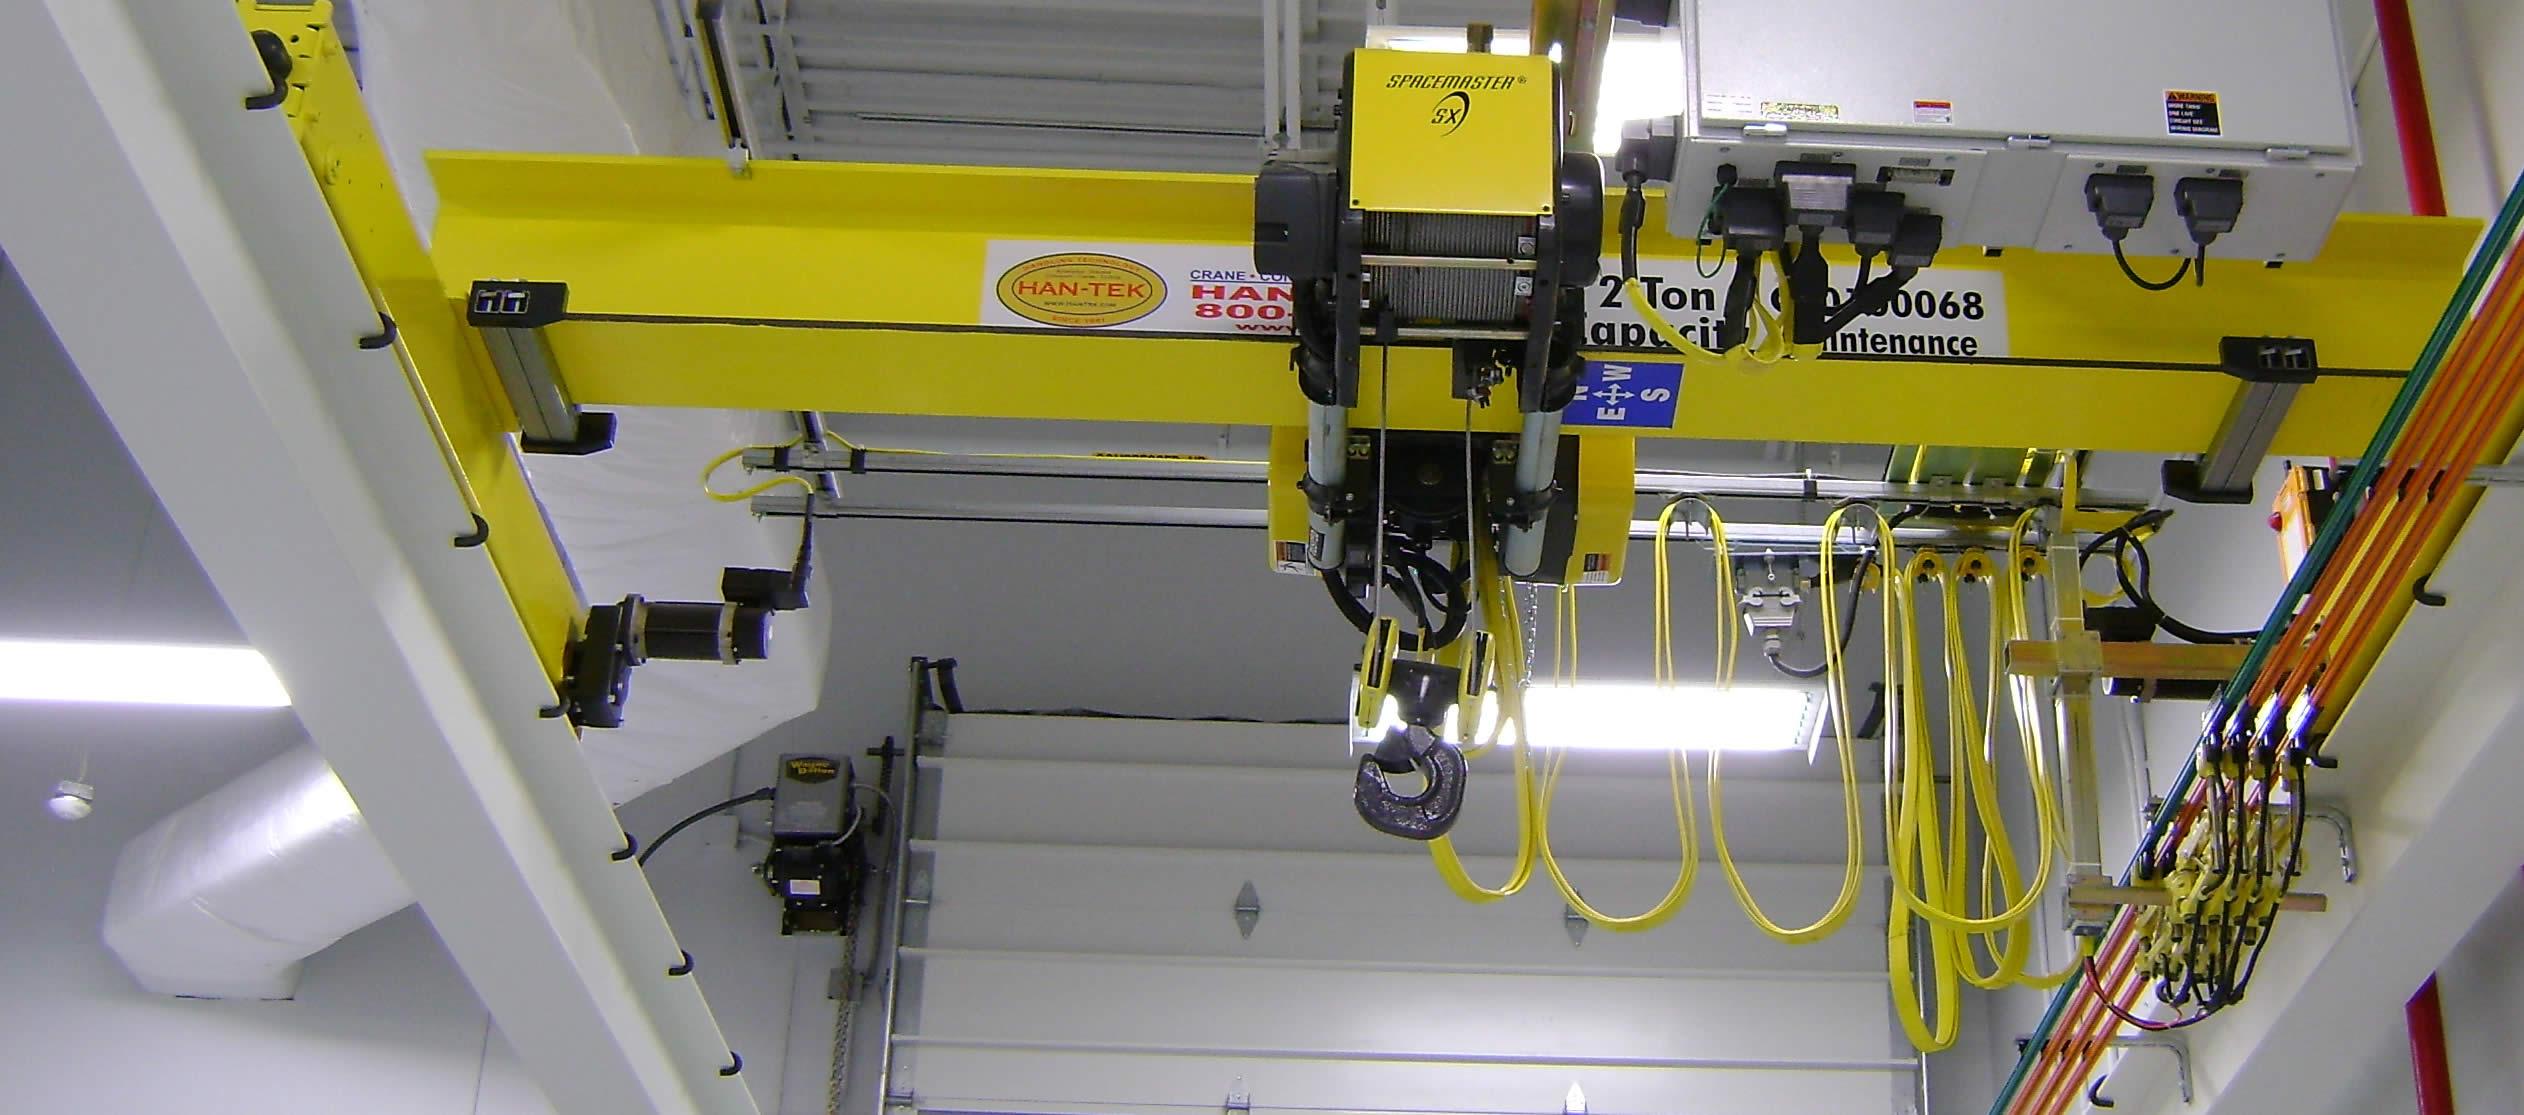 Han-Tek Material Handling Solutions - Warehouse Cranes